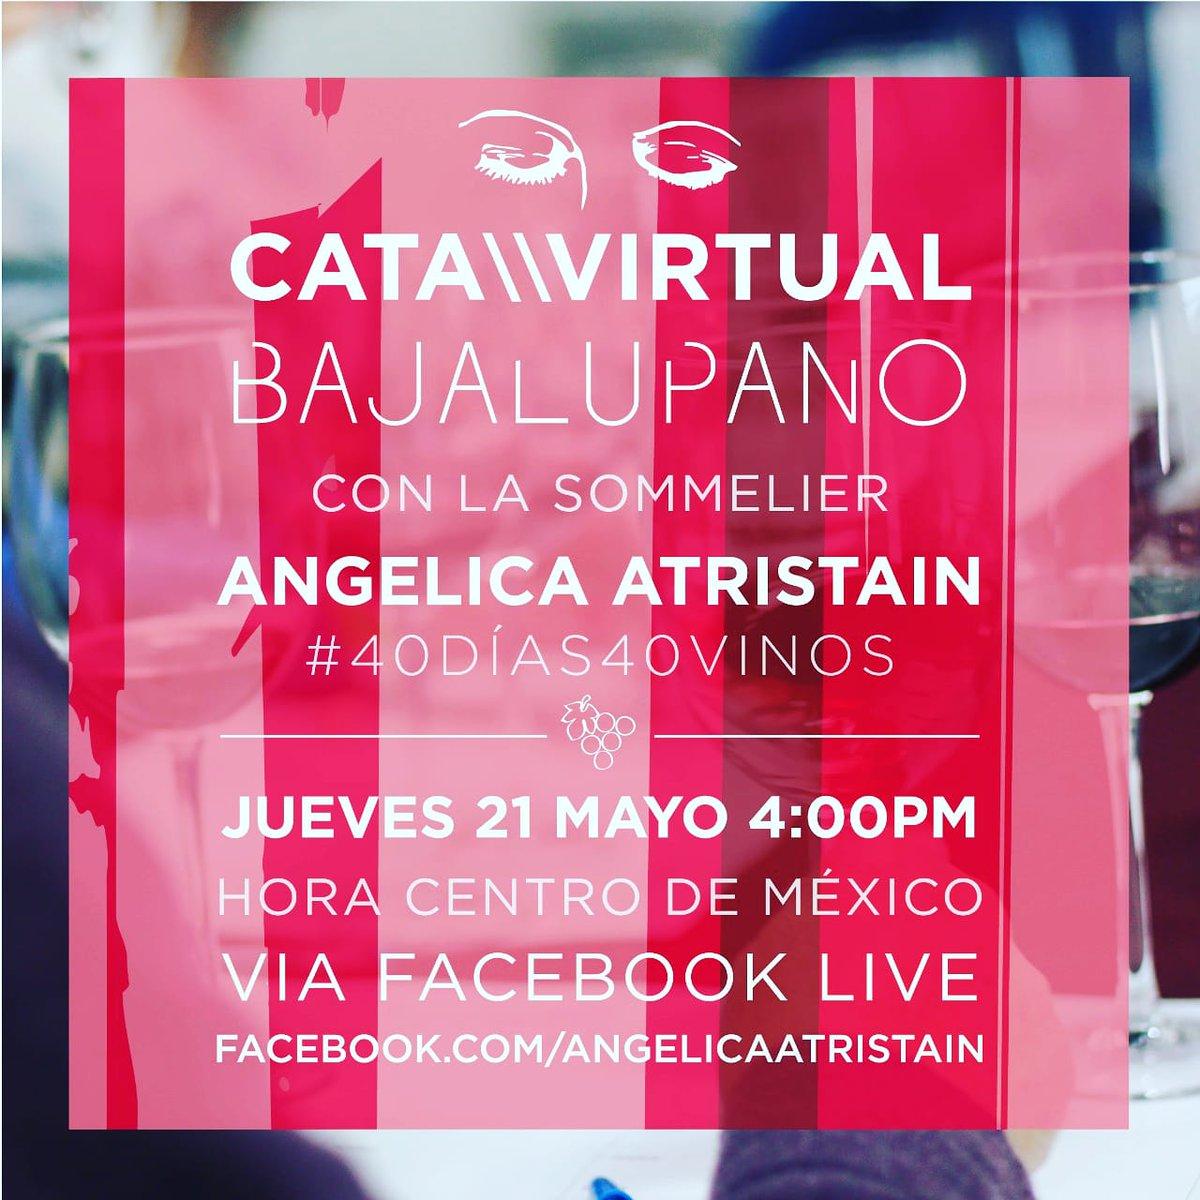 La cofundadora y sommelier de @vinoparaisomx este Jueves catará nuestro Cabernet Sauvignon 2015, si no han visto la cata del Syrah 2016 los invitamos a visitar su página @aatristainm  #catavirtual #bajalupano #valledeguadalupe #vinomexicano #cabernetsauvignon #iglivepic.twitter.com/68ZjS2NART